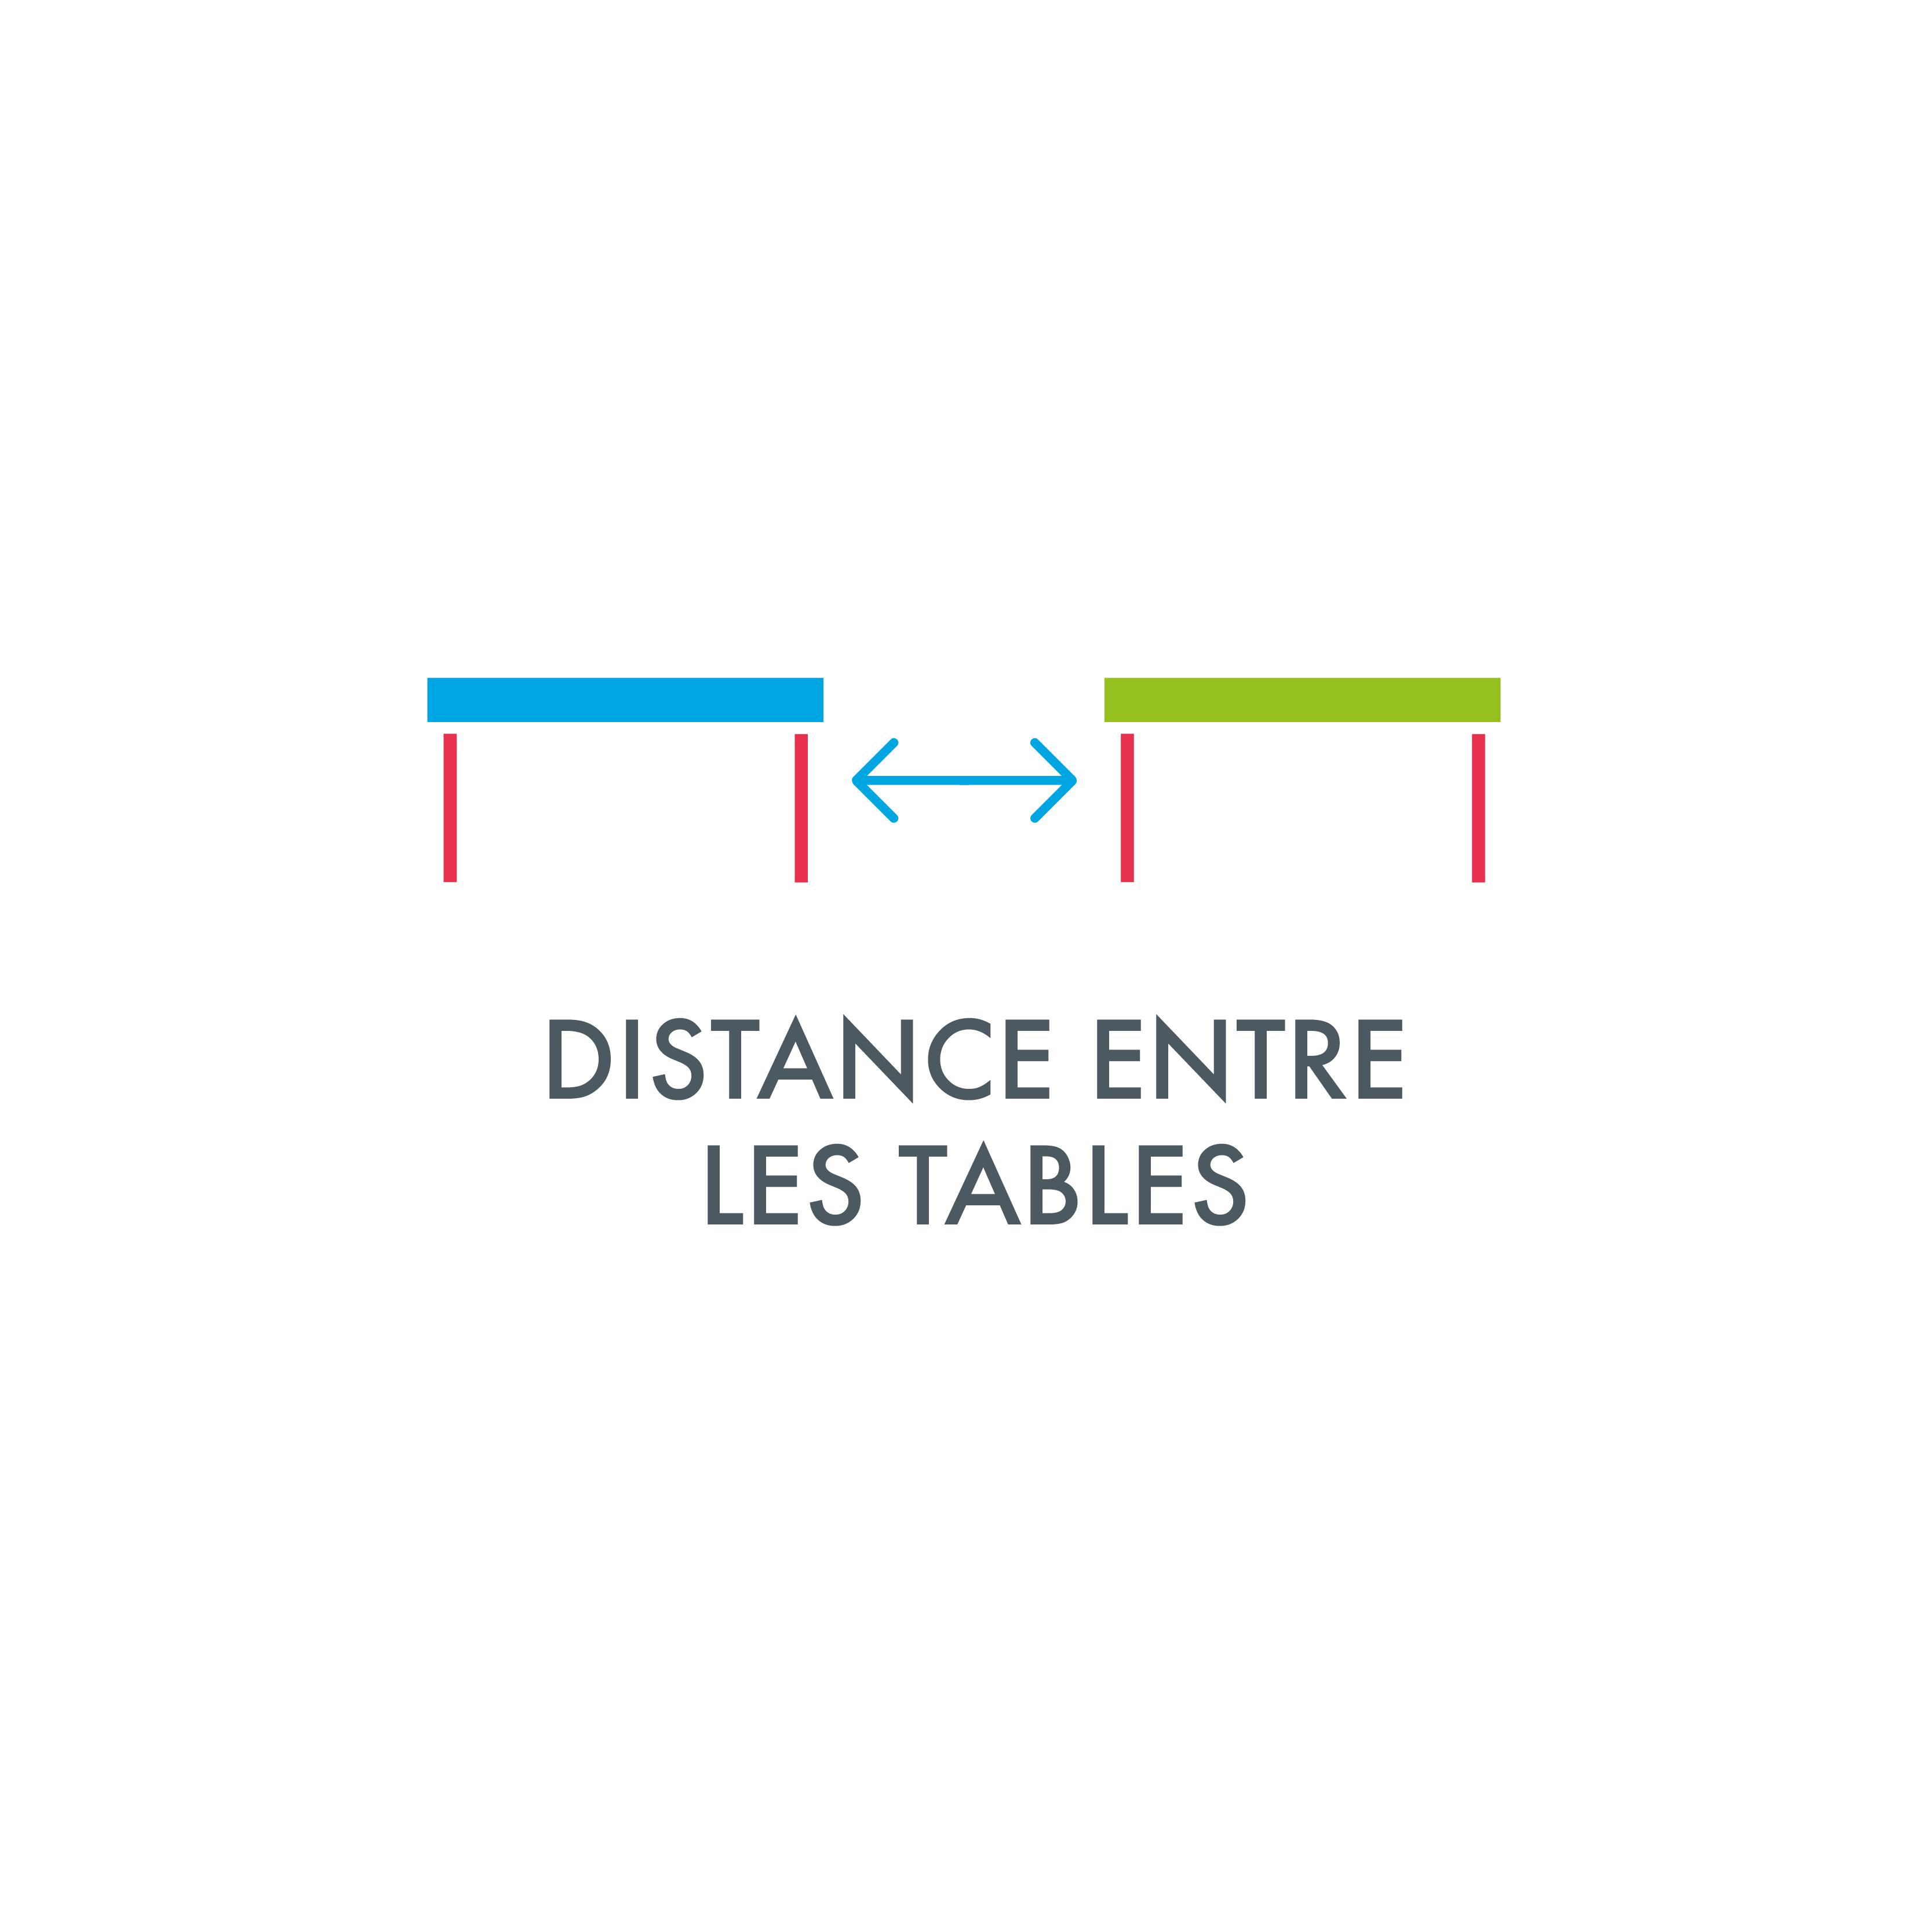 Distance_entre_les tables